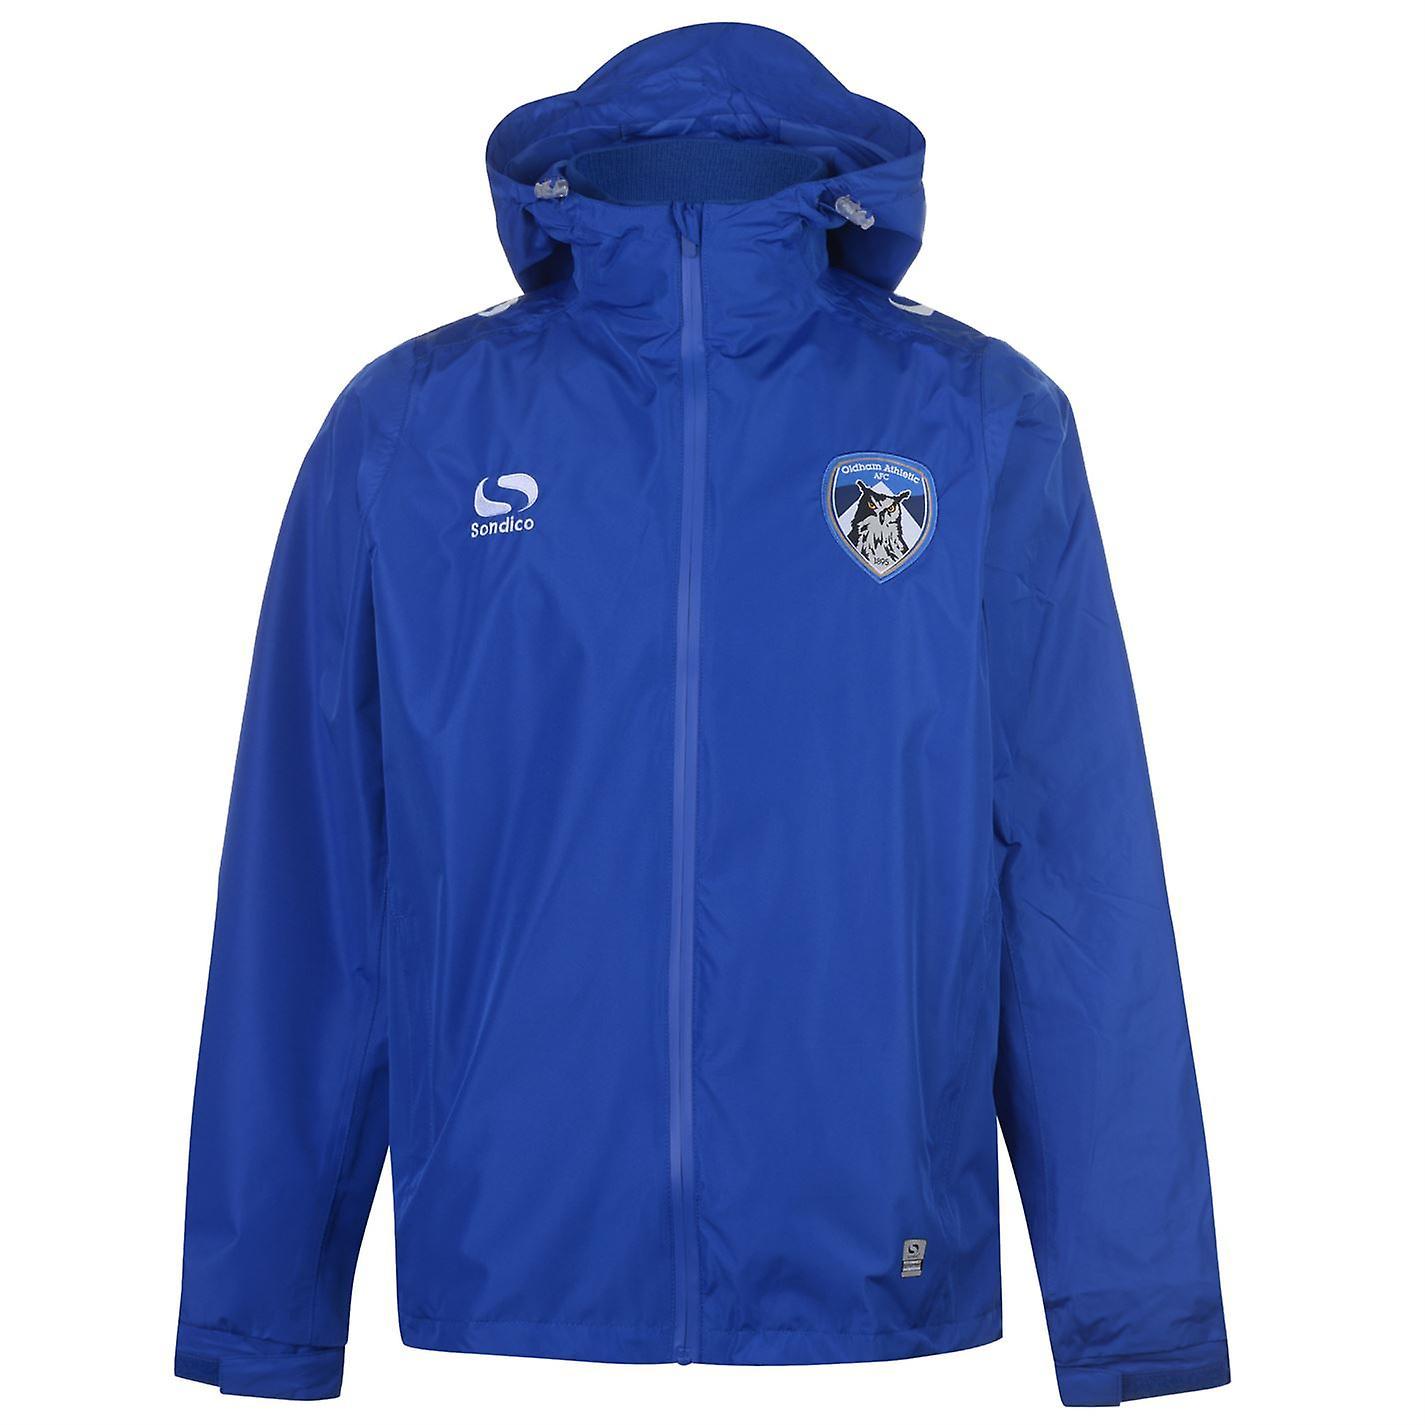 Sondico Pour des hommes Oldham Athletic Rain veste 2018 2019 Top